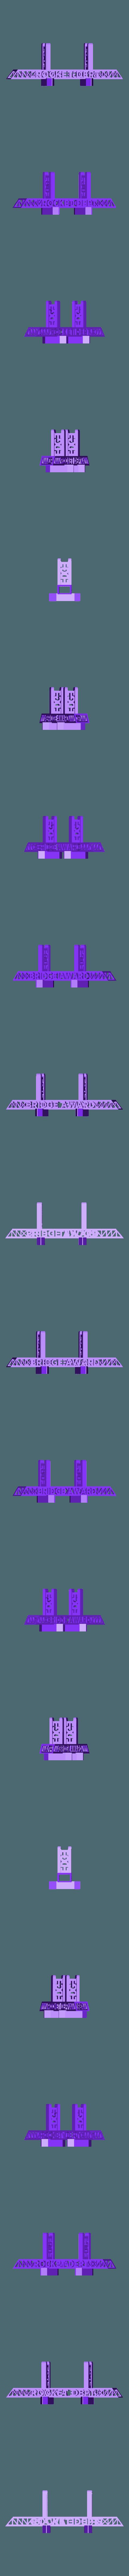 RocketBridge.stl Télécharger fichier STL gratuit Prix Tower Bridge • Modèle pour imprimante 3D, Palasestia